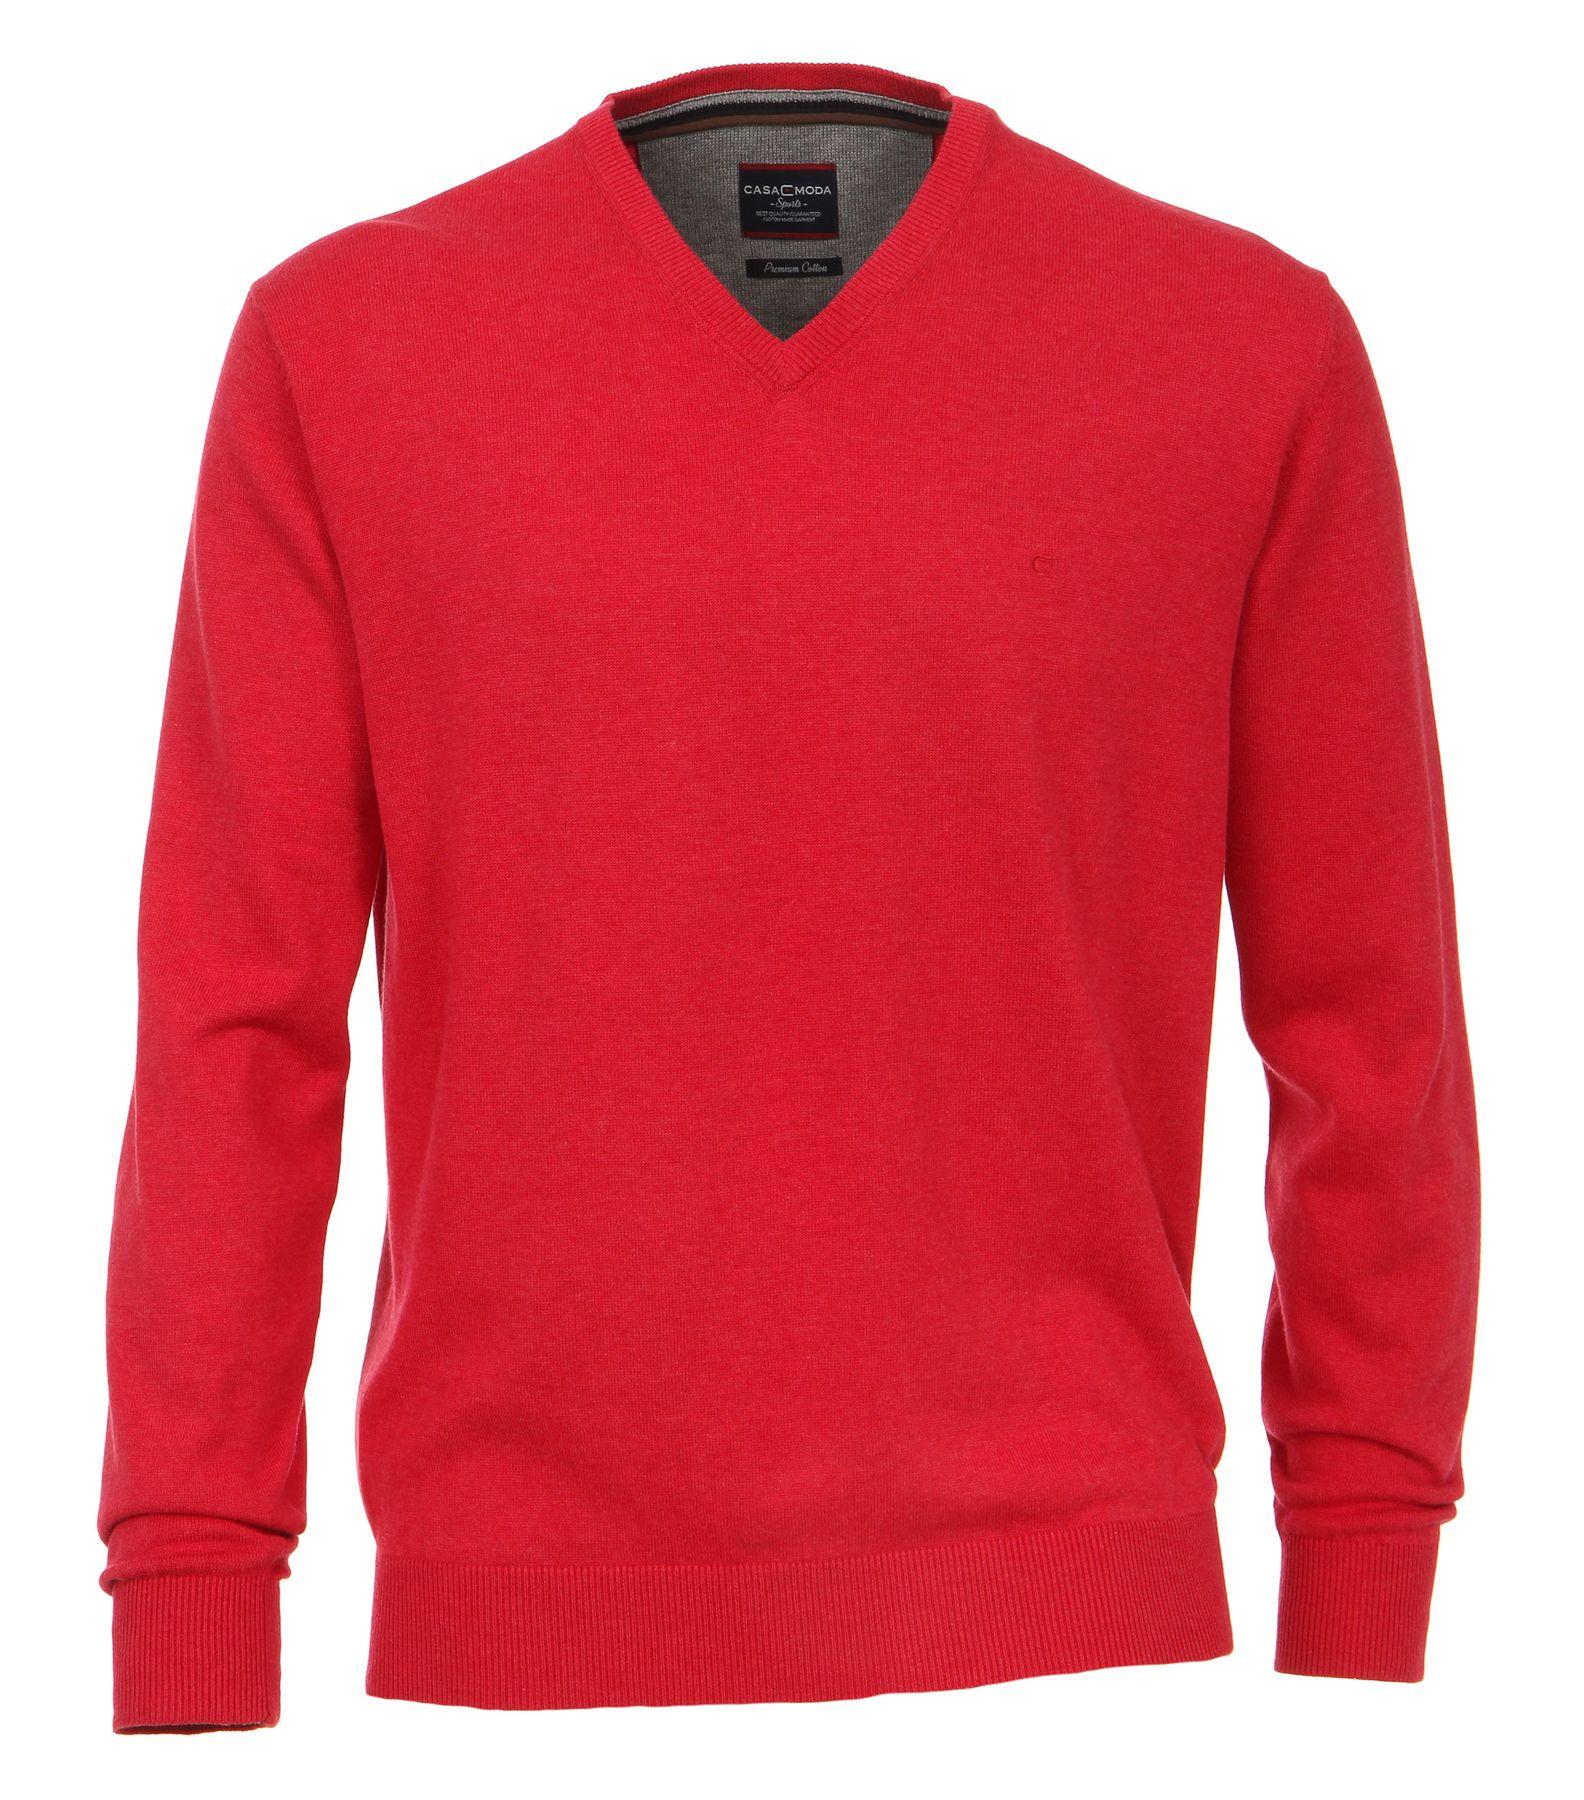 Casa Moda - Herren Pullover mit V-Ausschnitt in verschiedenen Farben (004130) – Bild 16